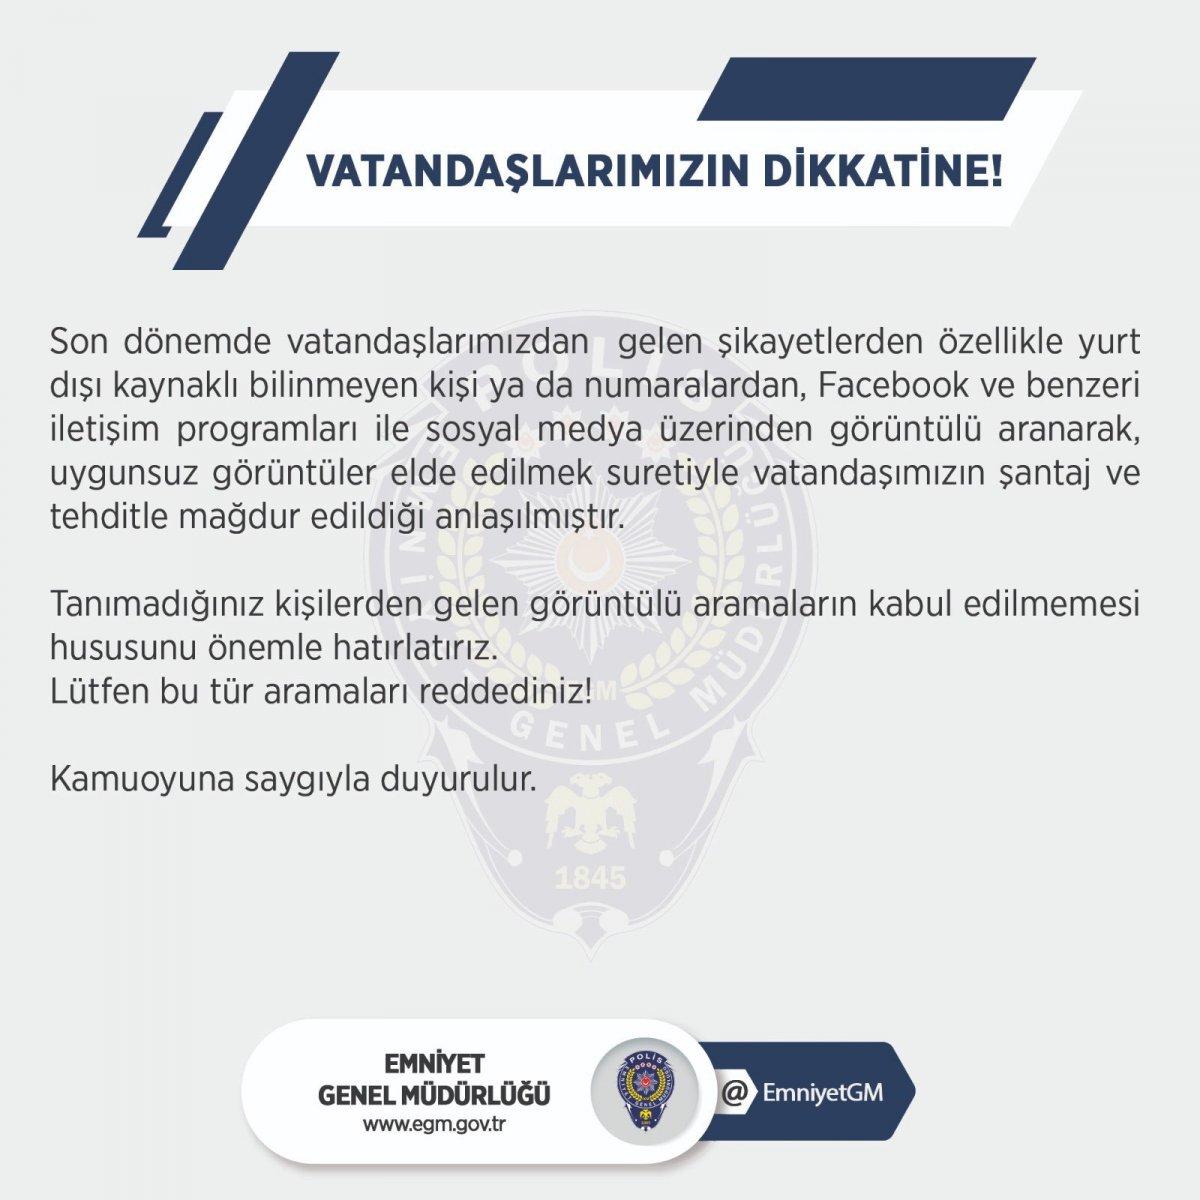 EGM den sosyal medyada cinsel dolandırıcılığa karşı uyarı #2